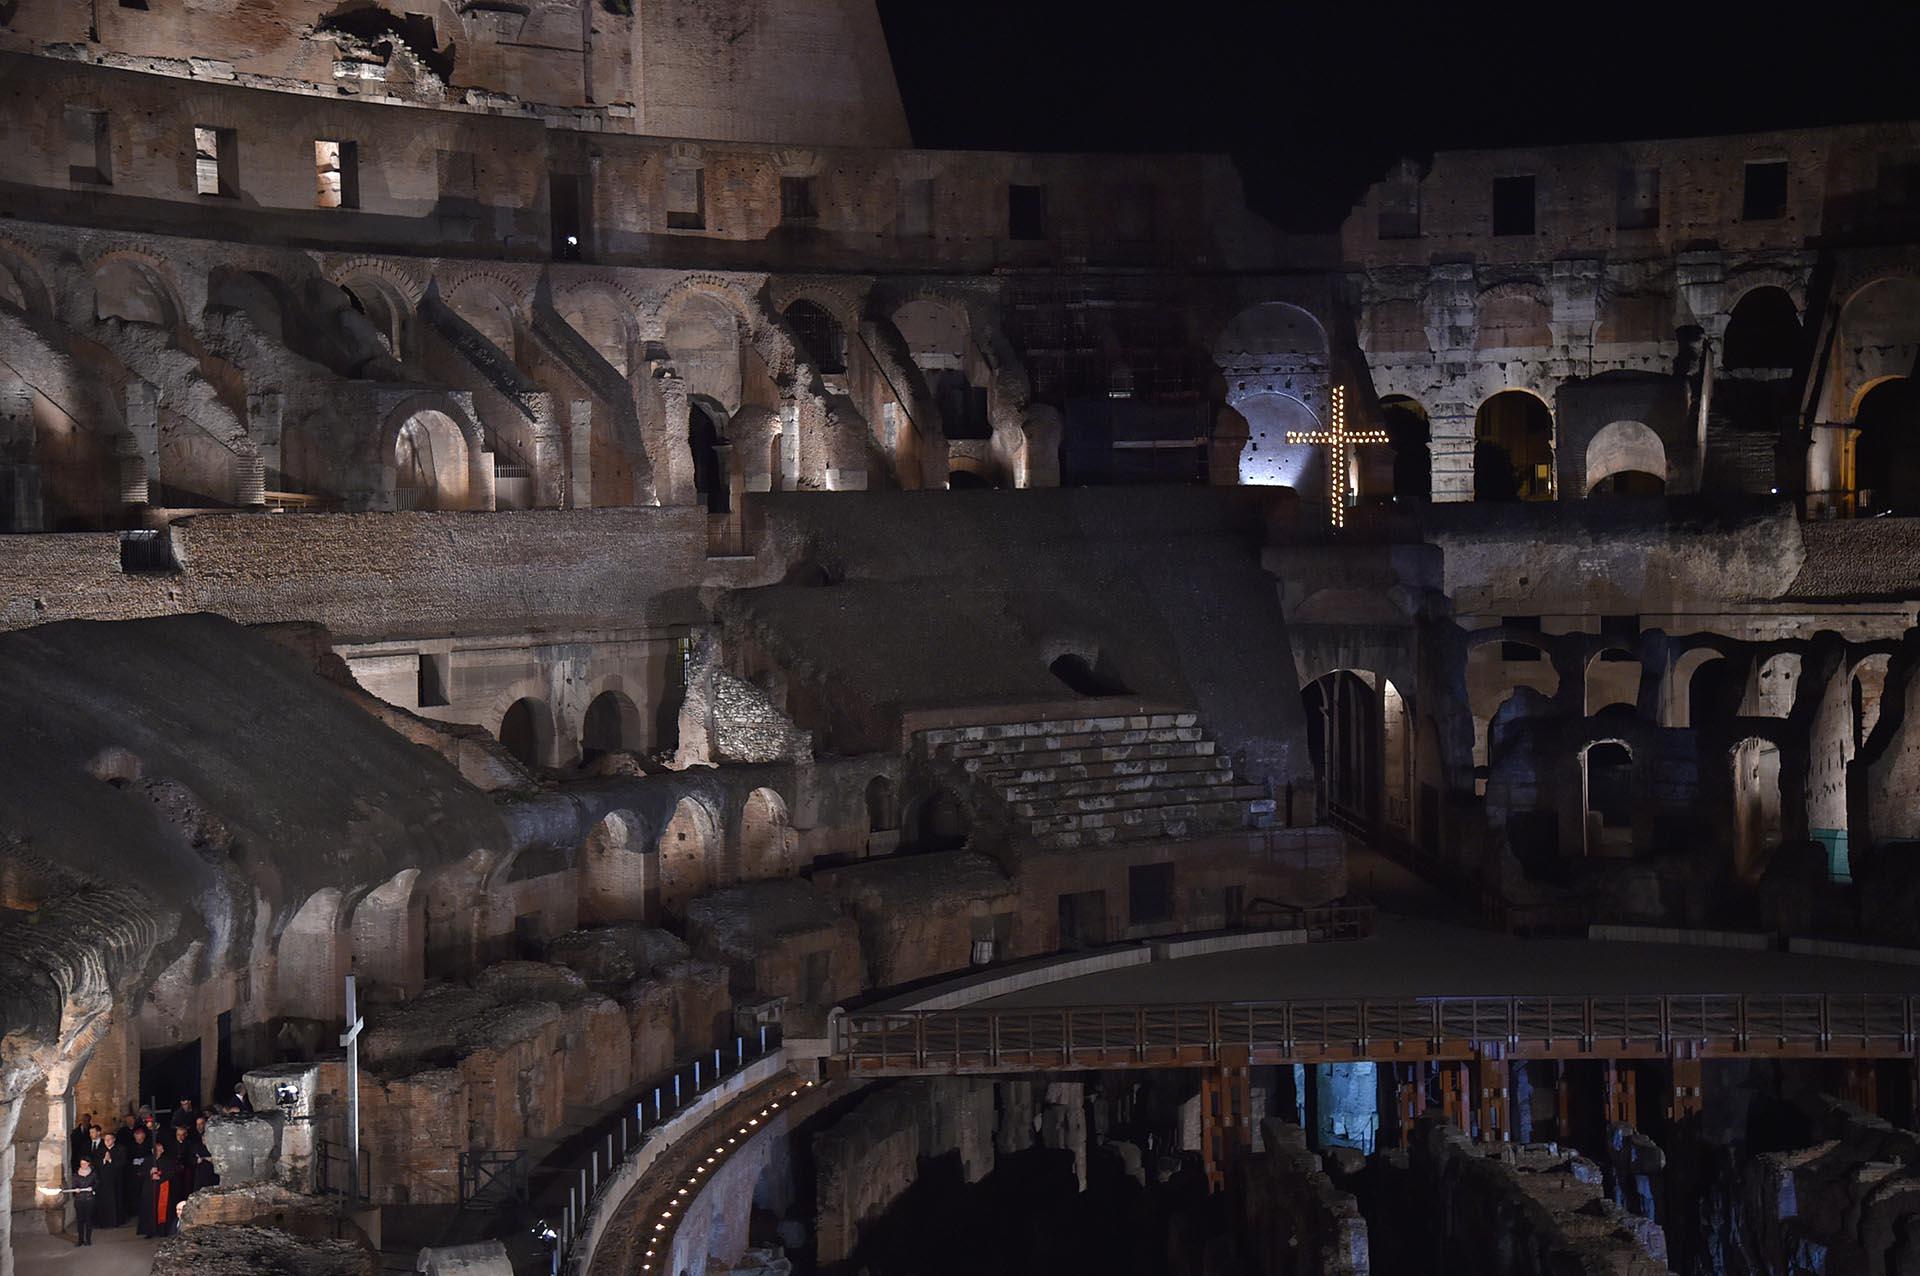 El cardenal Agostino Vallini sostuvo la cruz durante la procesión de las antorchas del Vía Crucis el Viernes Santo en el Coliseo de Roma